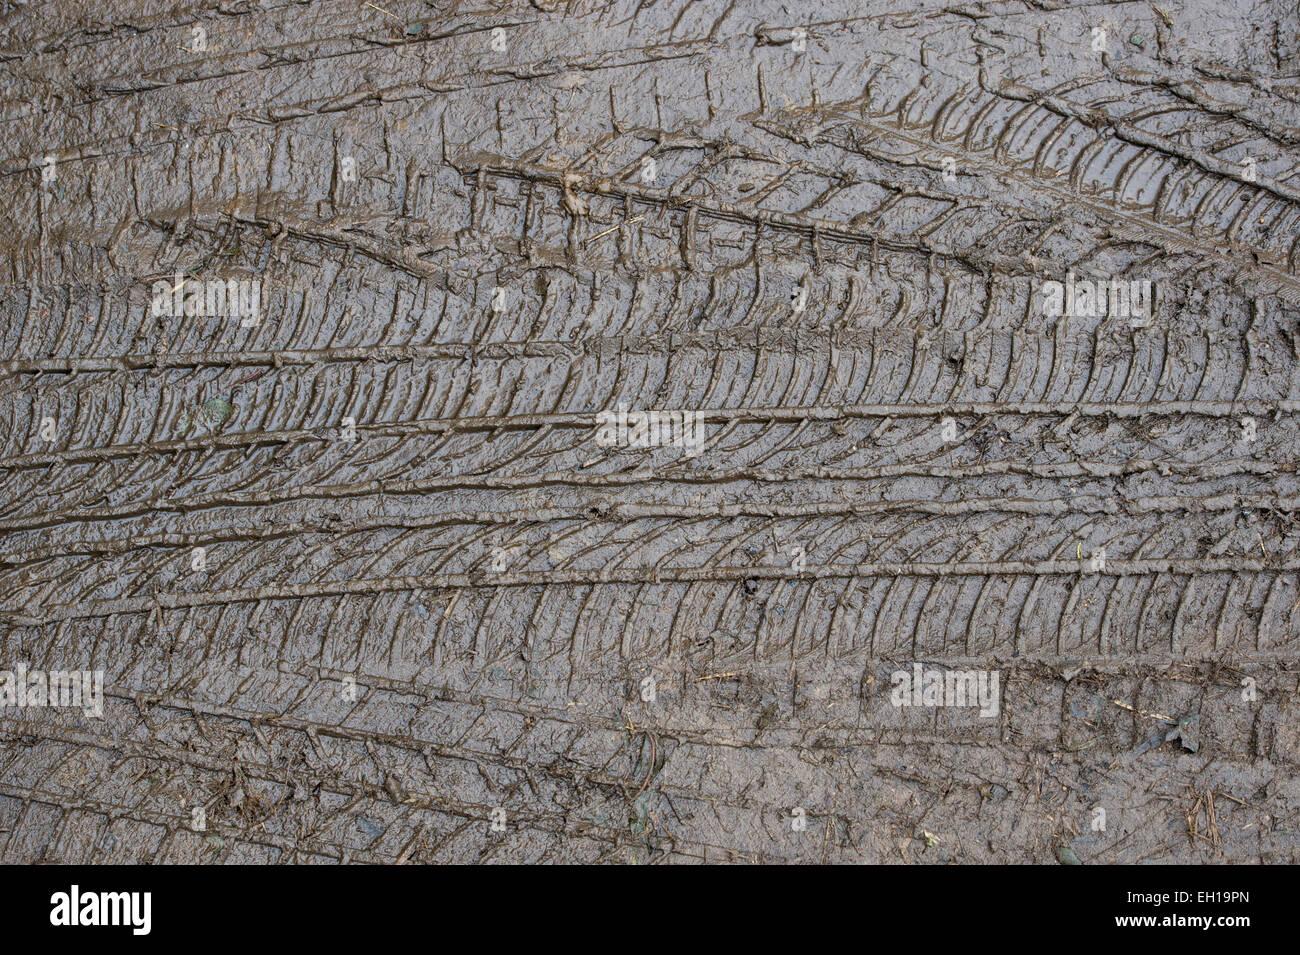 Tracce di pneumatici nel fango Immagini Stock